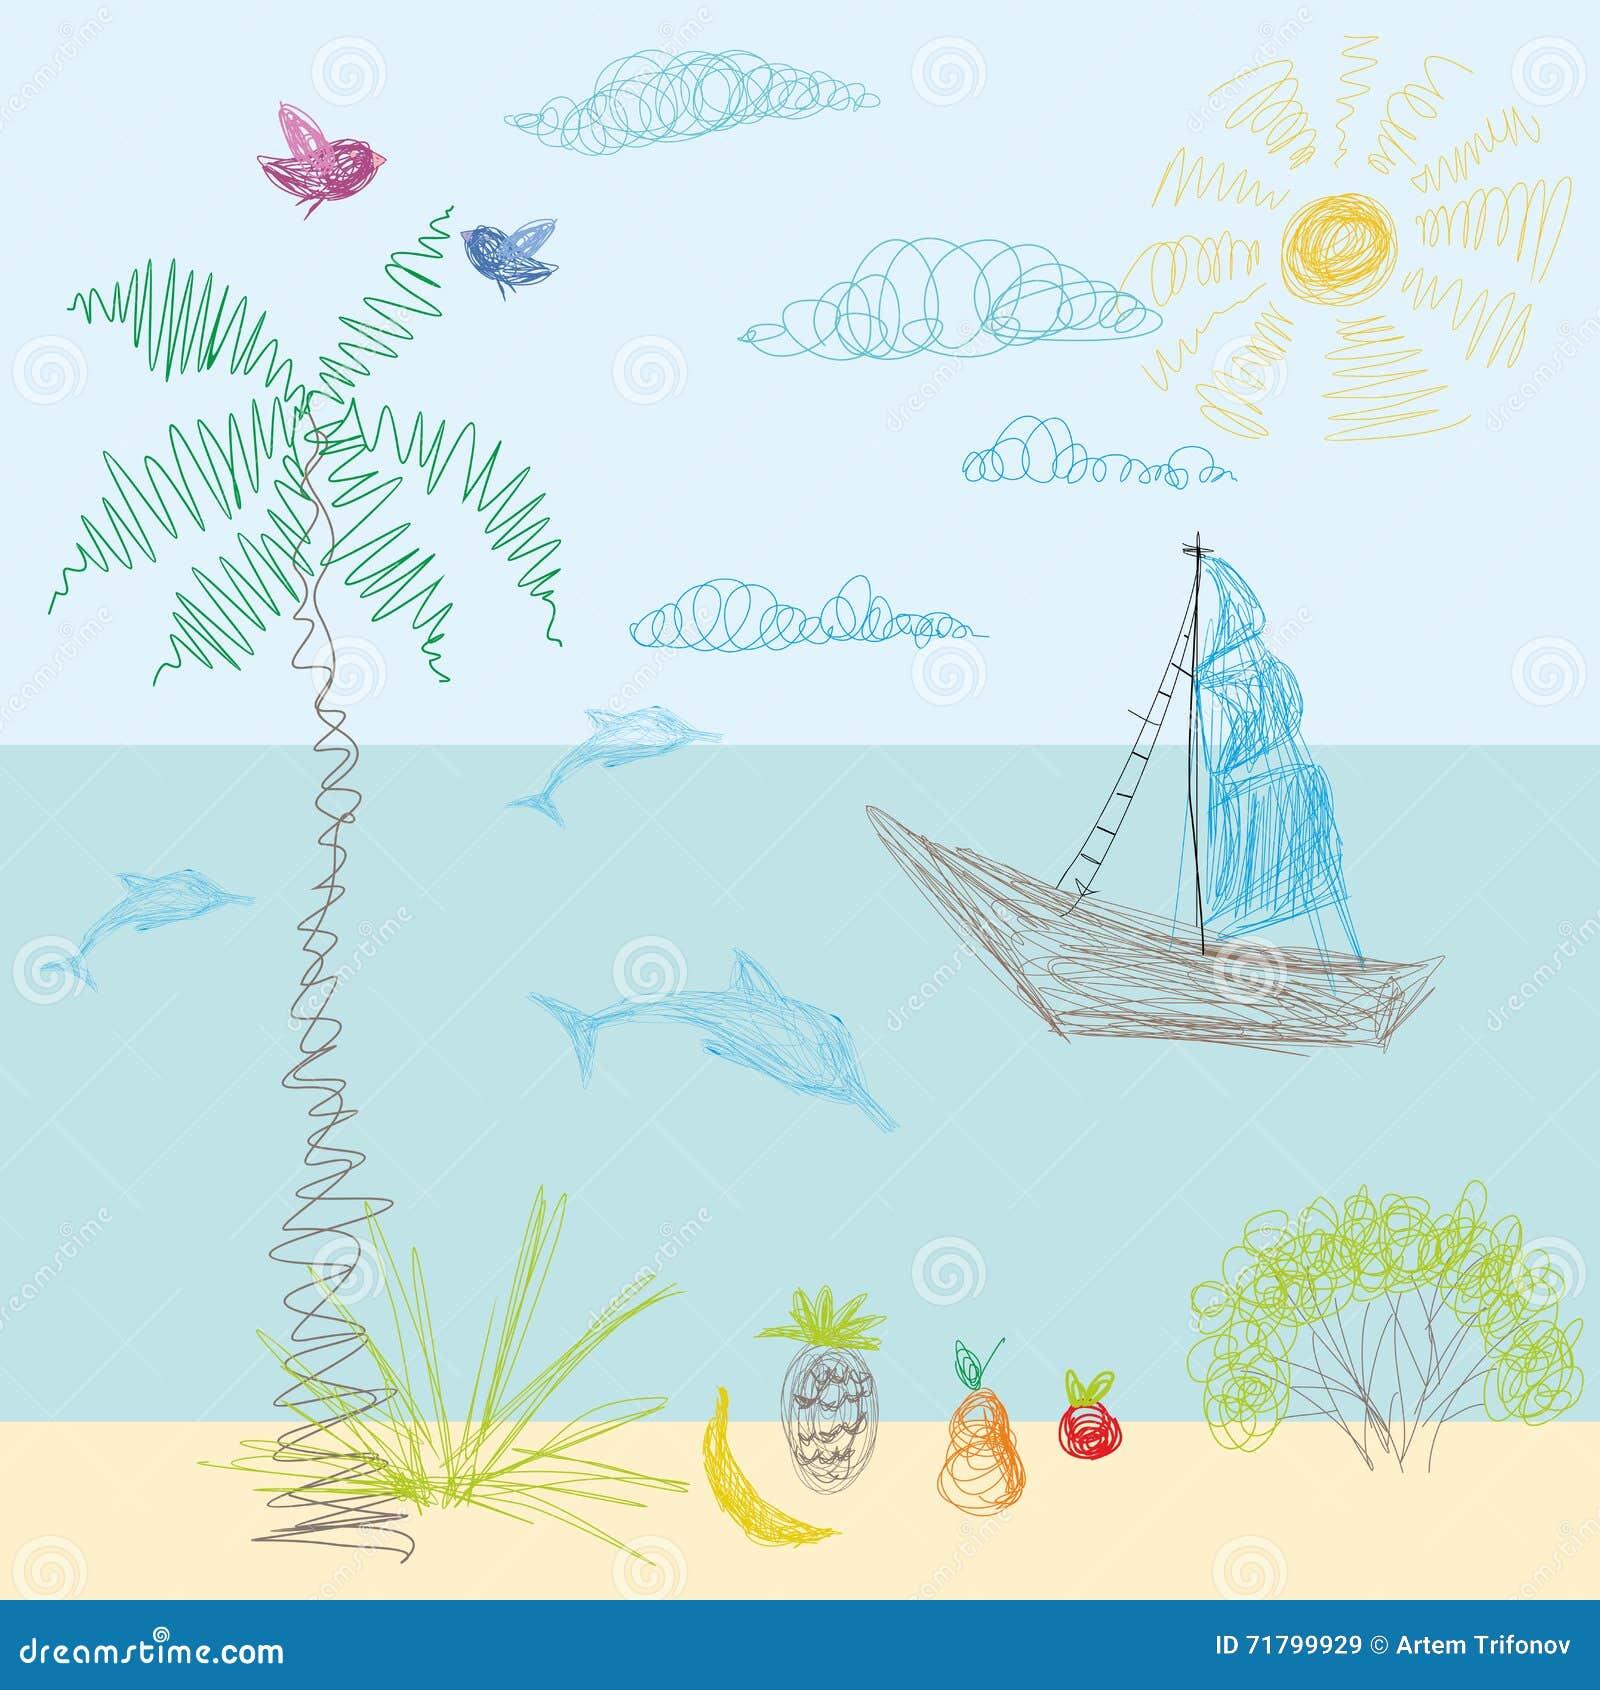 Le dessin d un enfant dans le vecteur Sun, mer, plage, naviguant loin, vaca